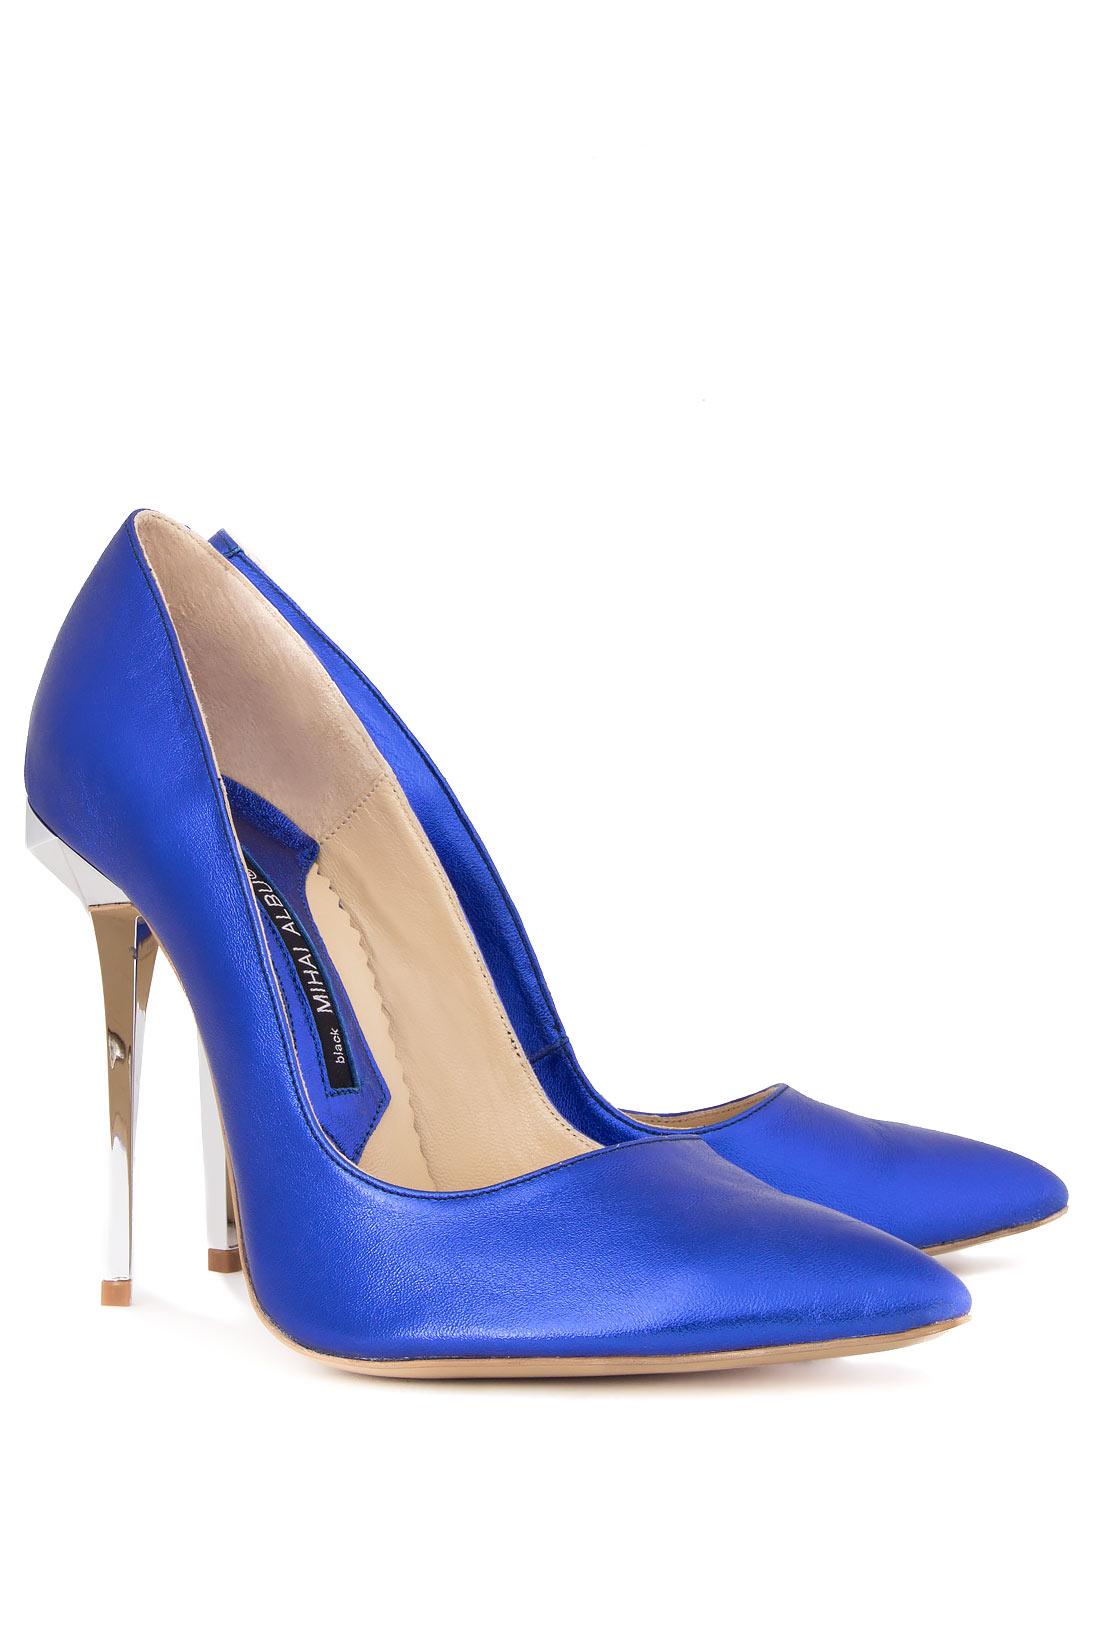 Pantofi stiletto din piele